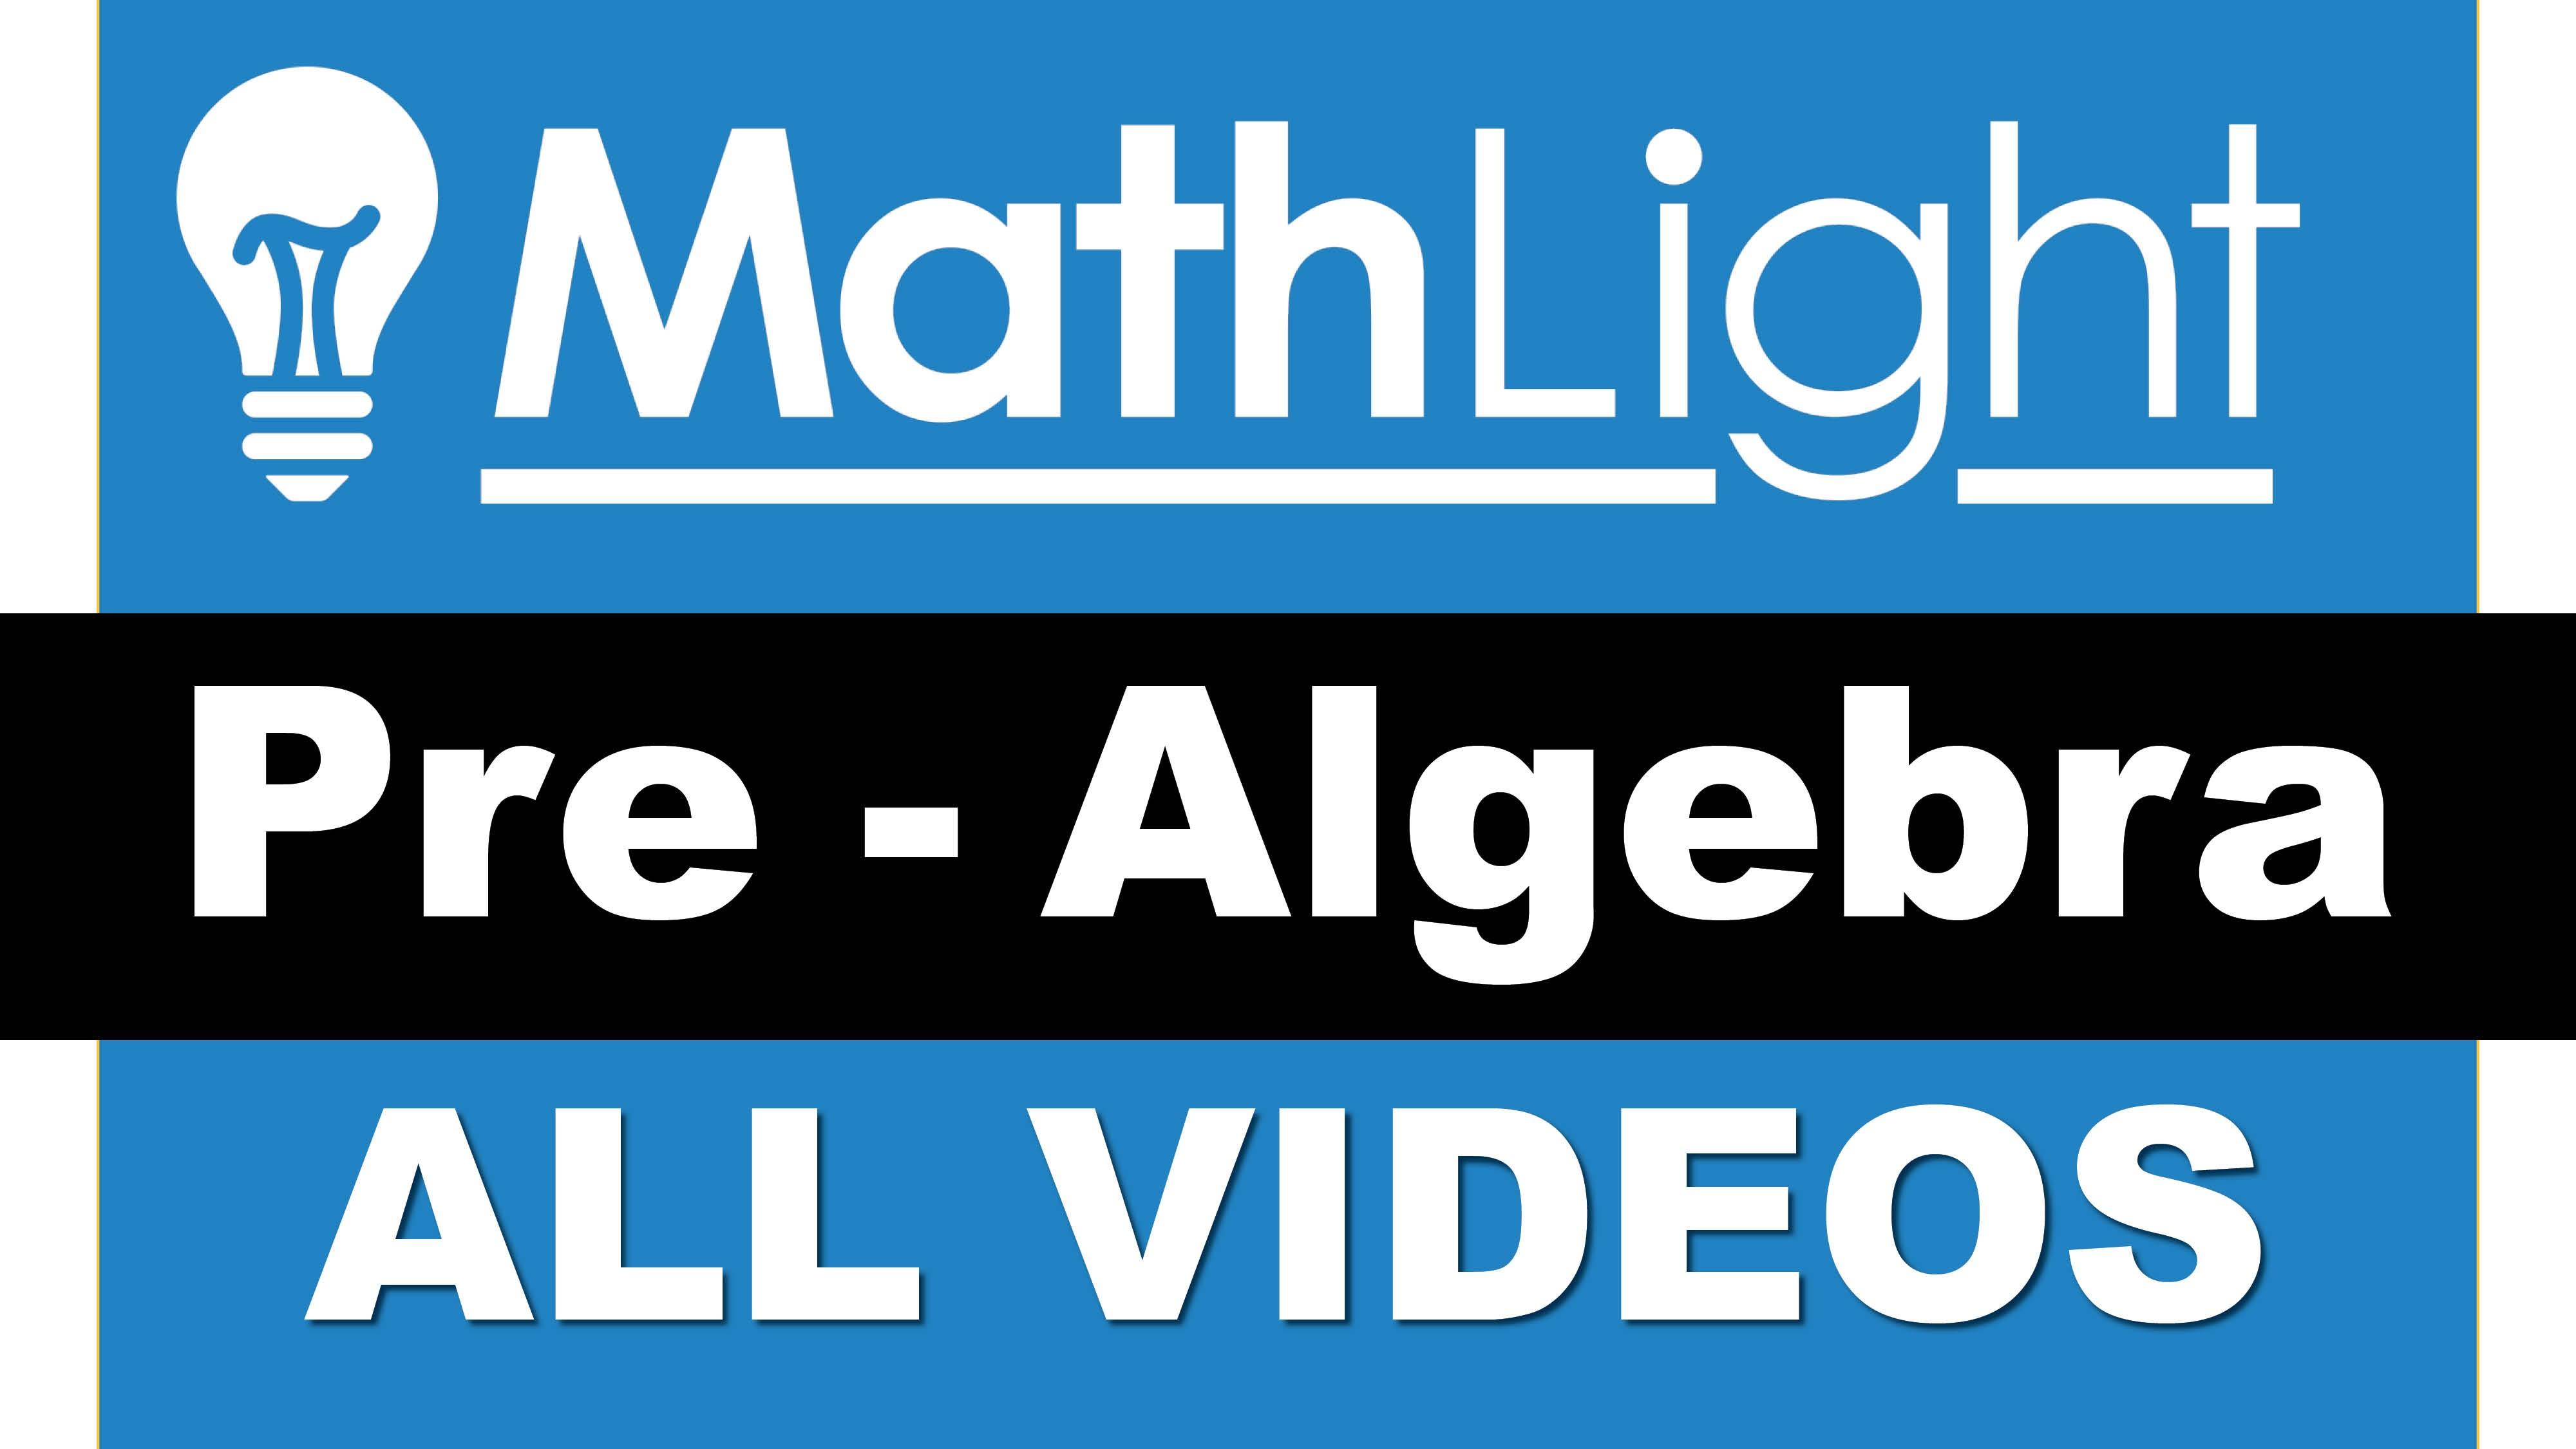 Mathlight pre algebra mathlight fandeluxe Gallery